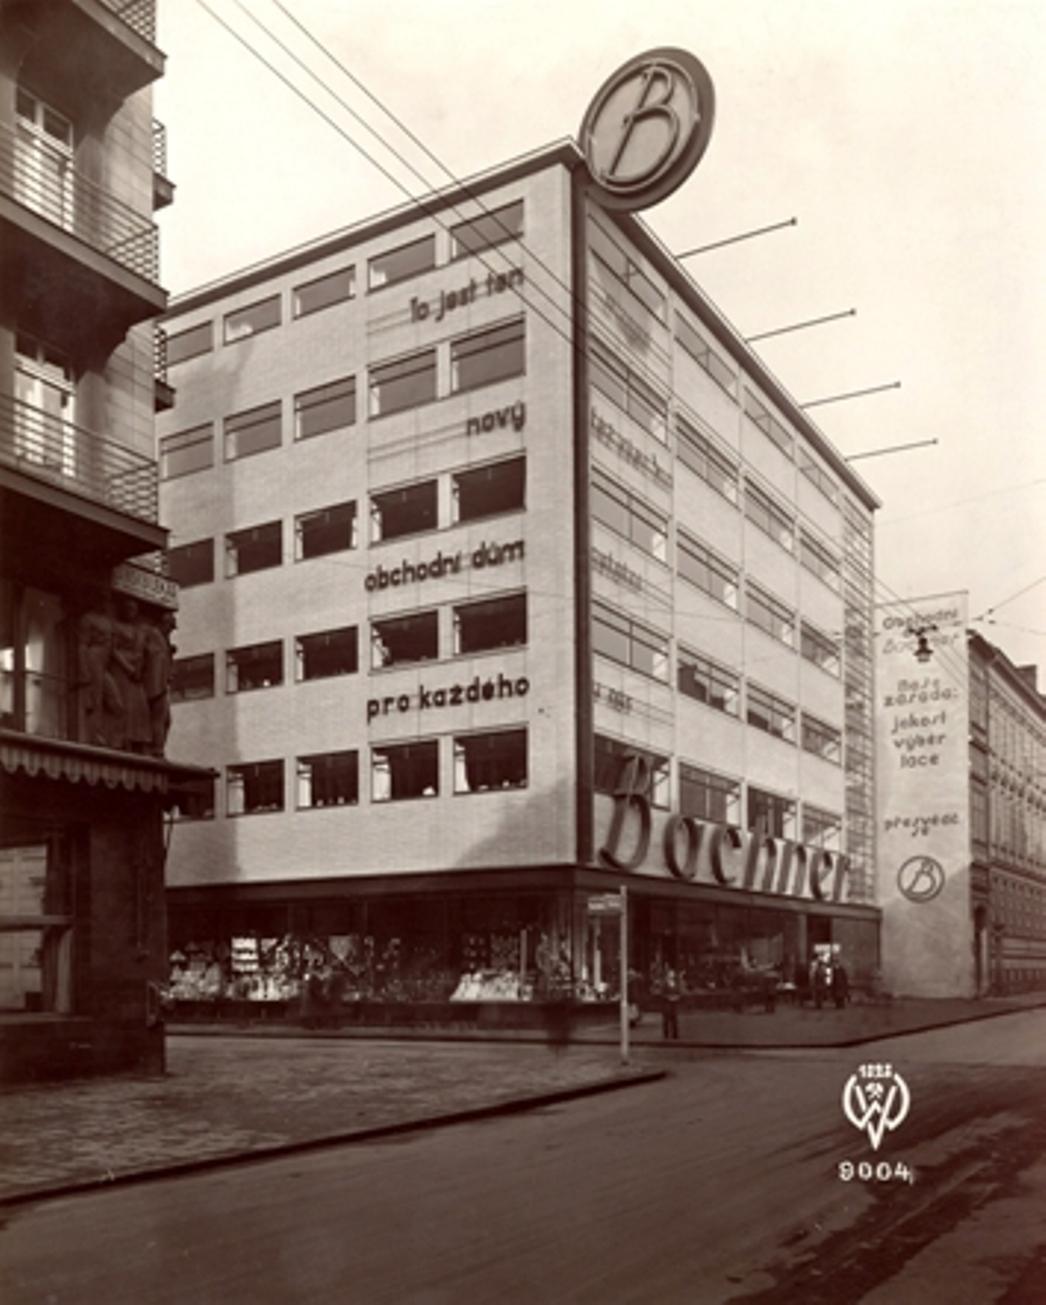 Obchodní dům Bachner (architekt: Erich Mendelsohn, 1932–33)